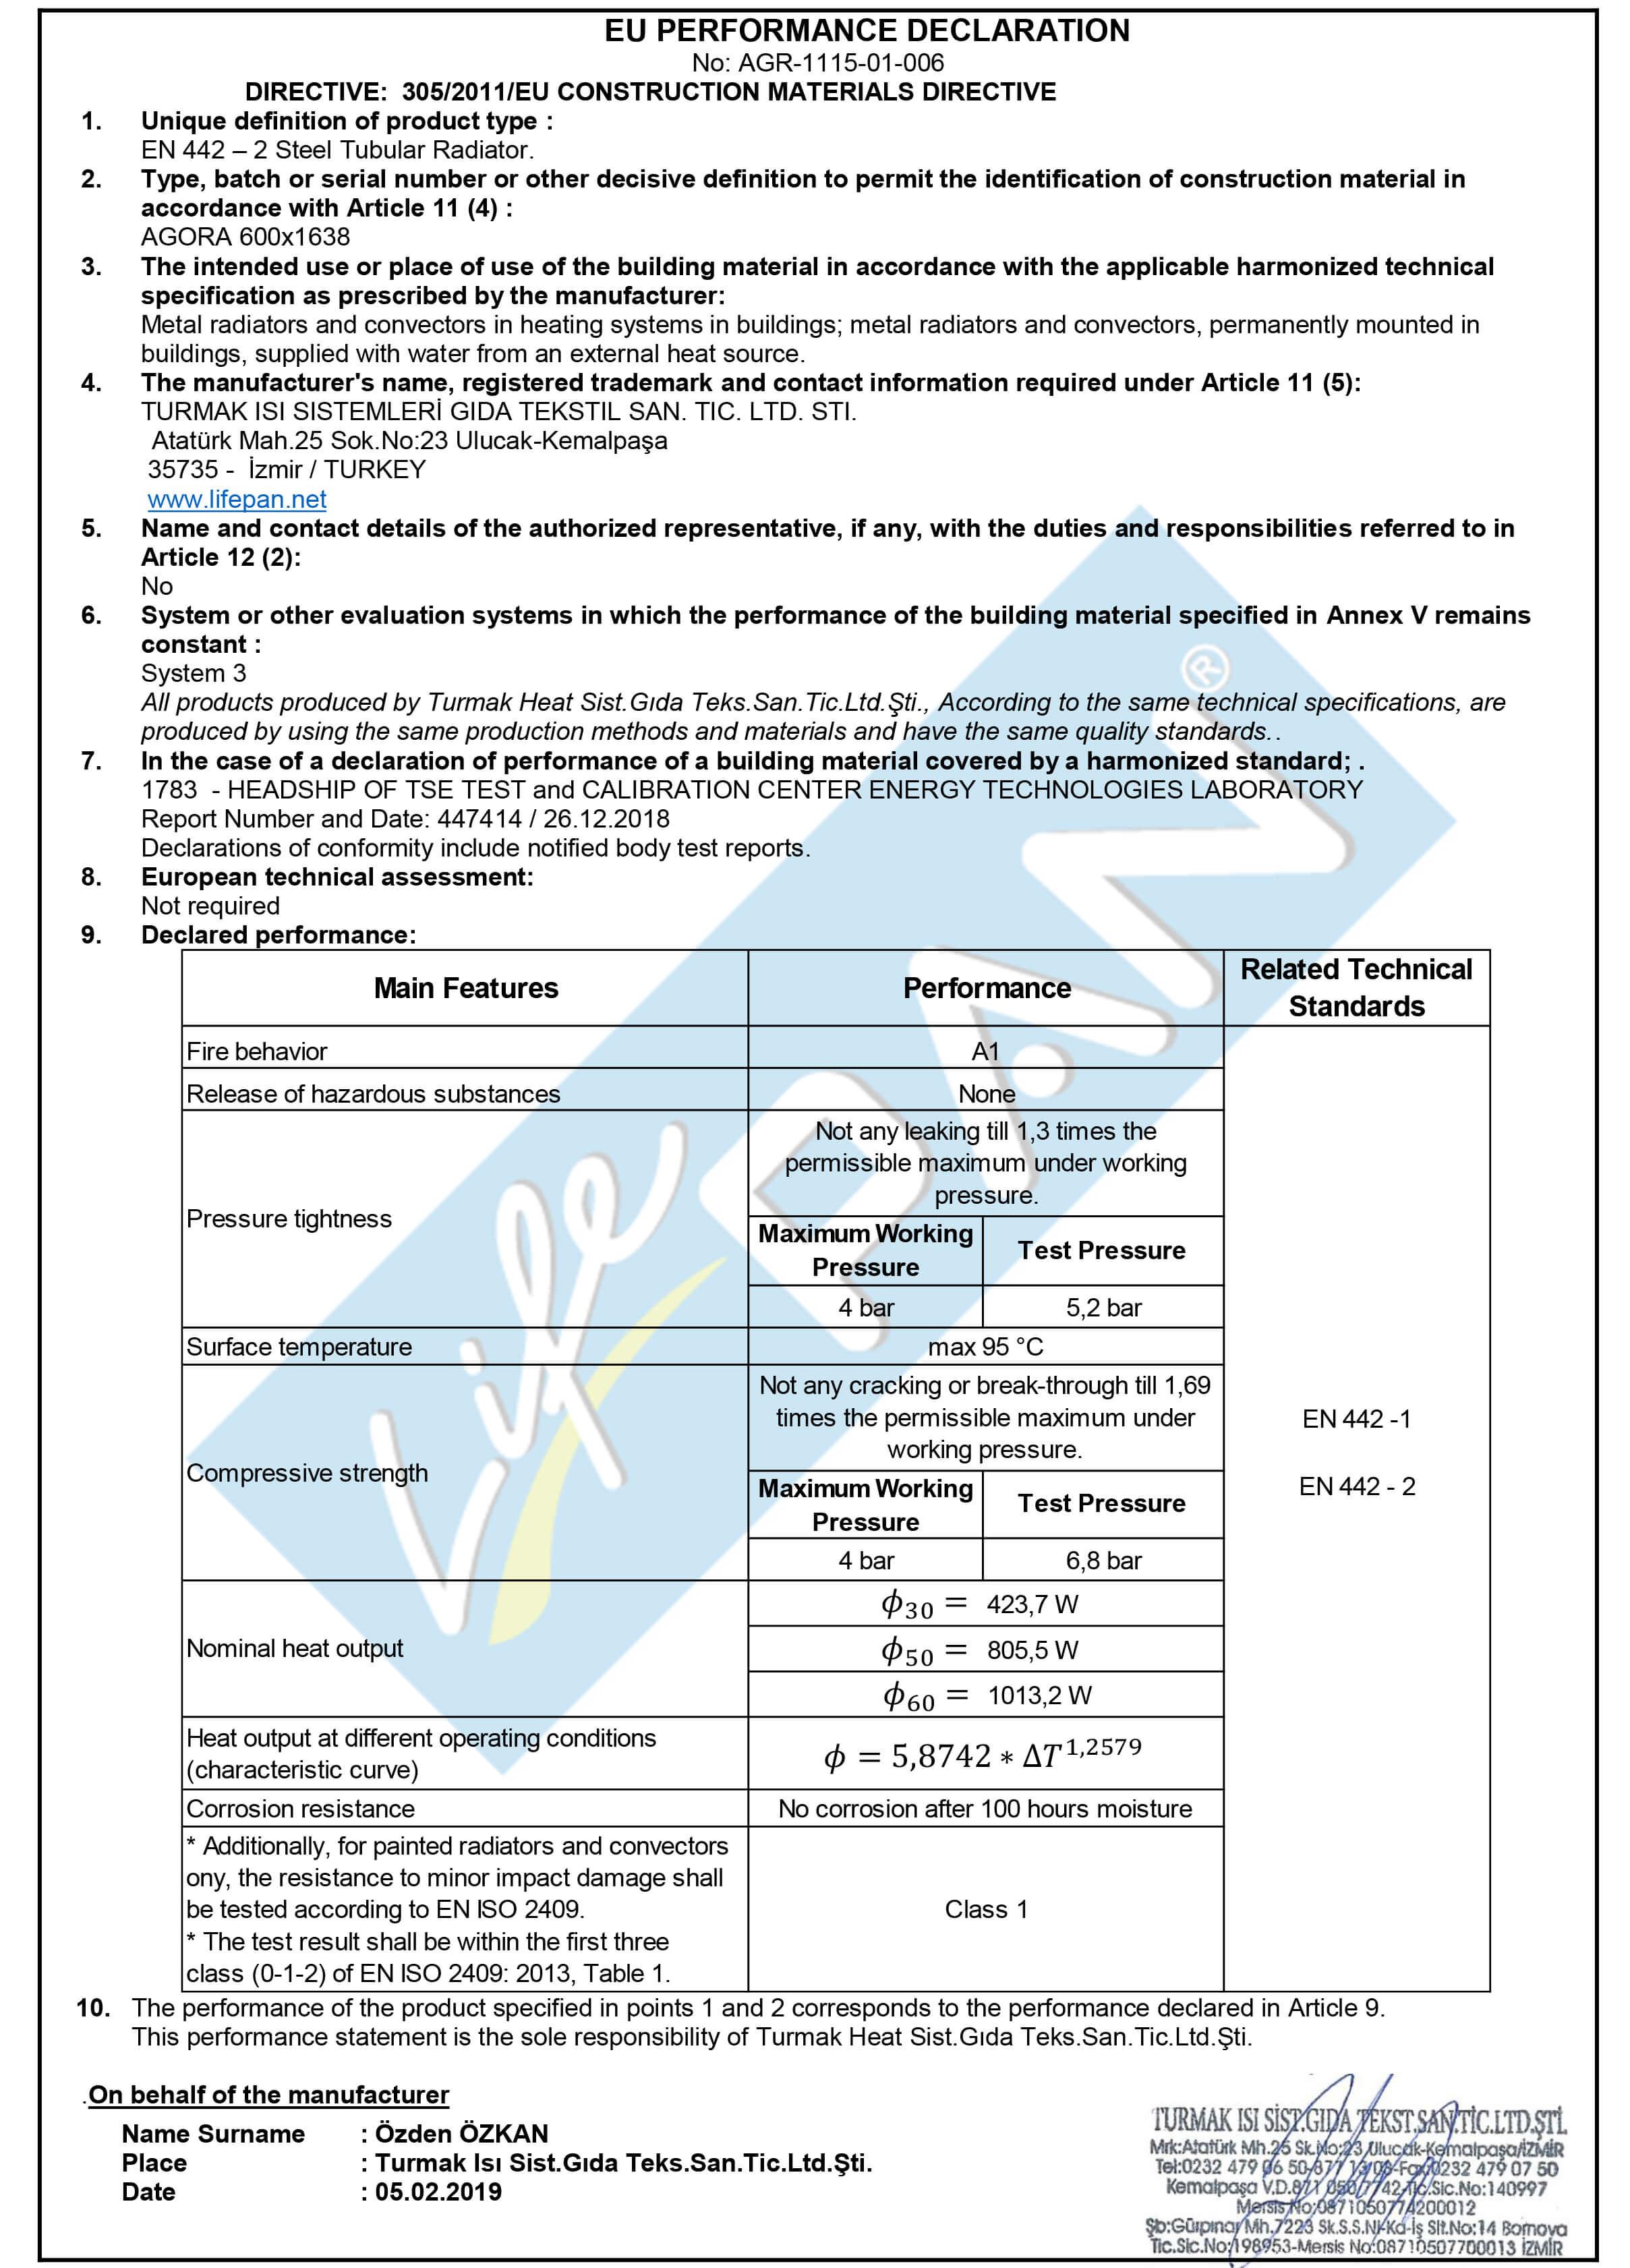 AGORA - 600x1638 EU PERFORMANCE DECLARATION